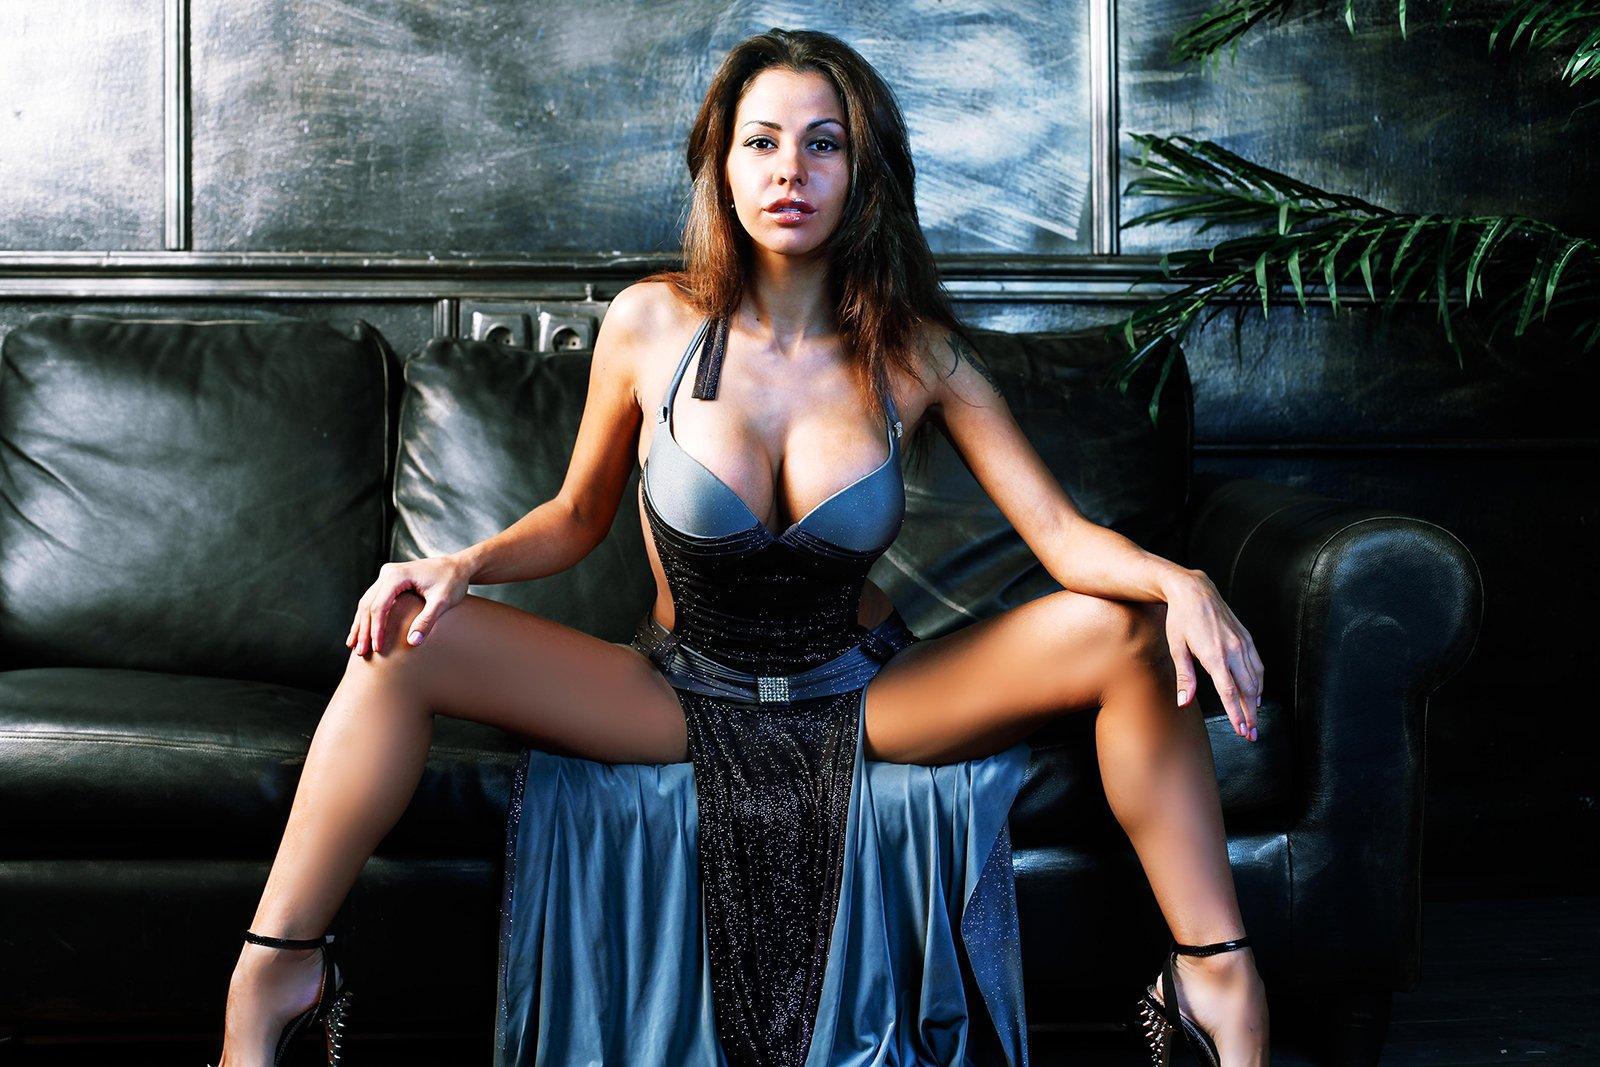 Порно с еленой берковой и другими порнозвездами